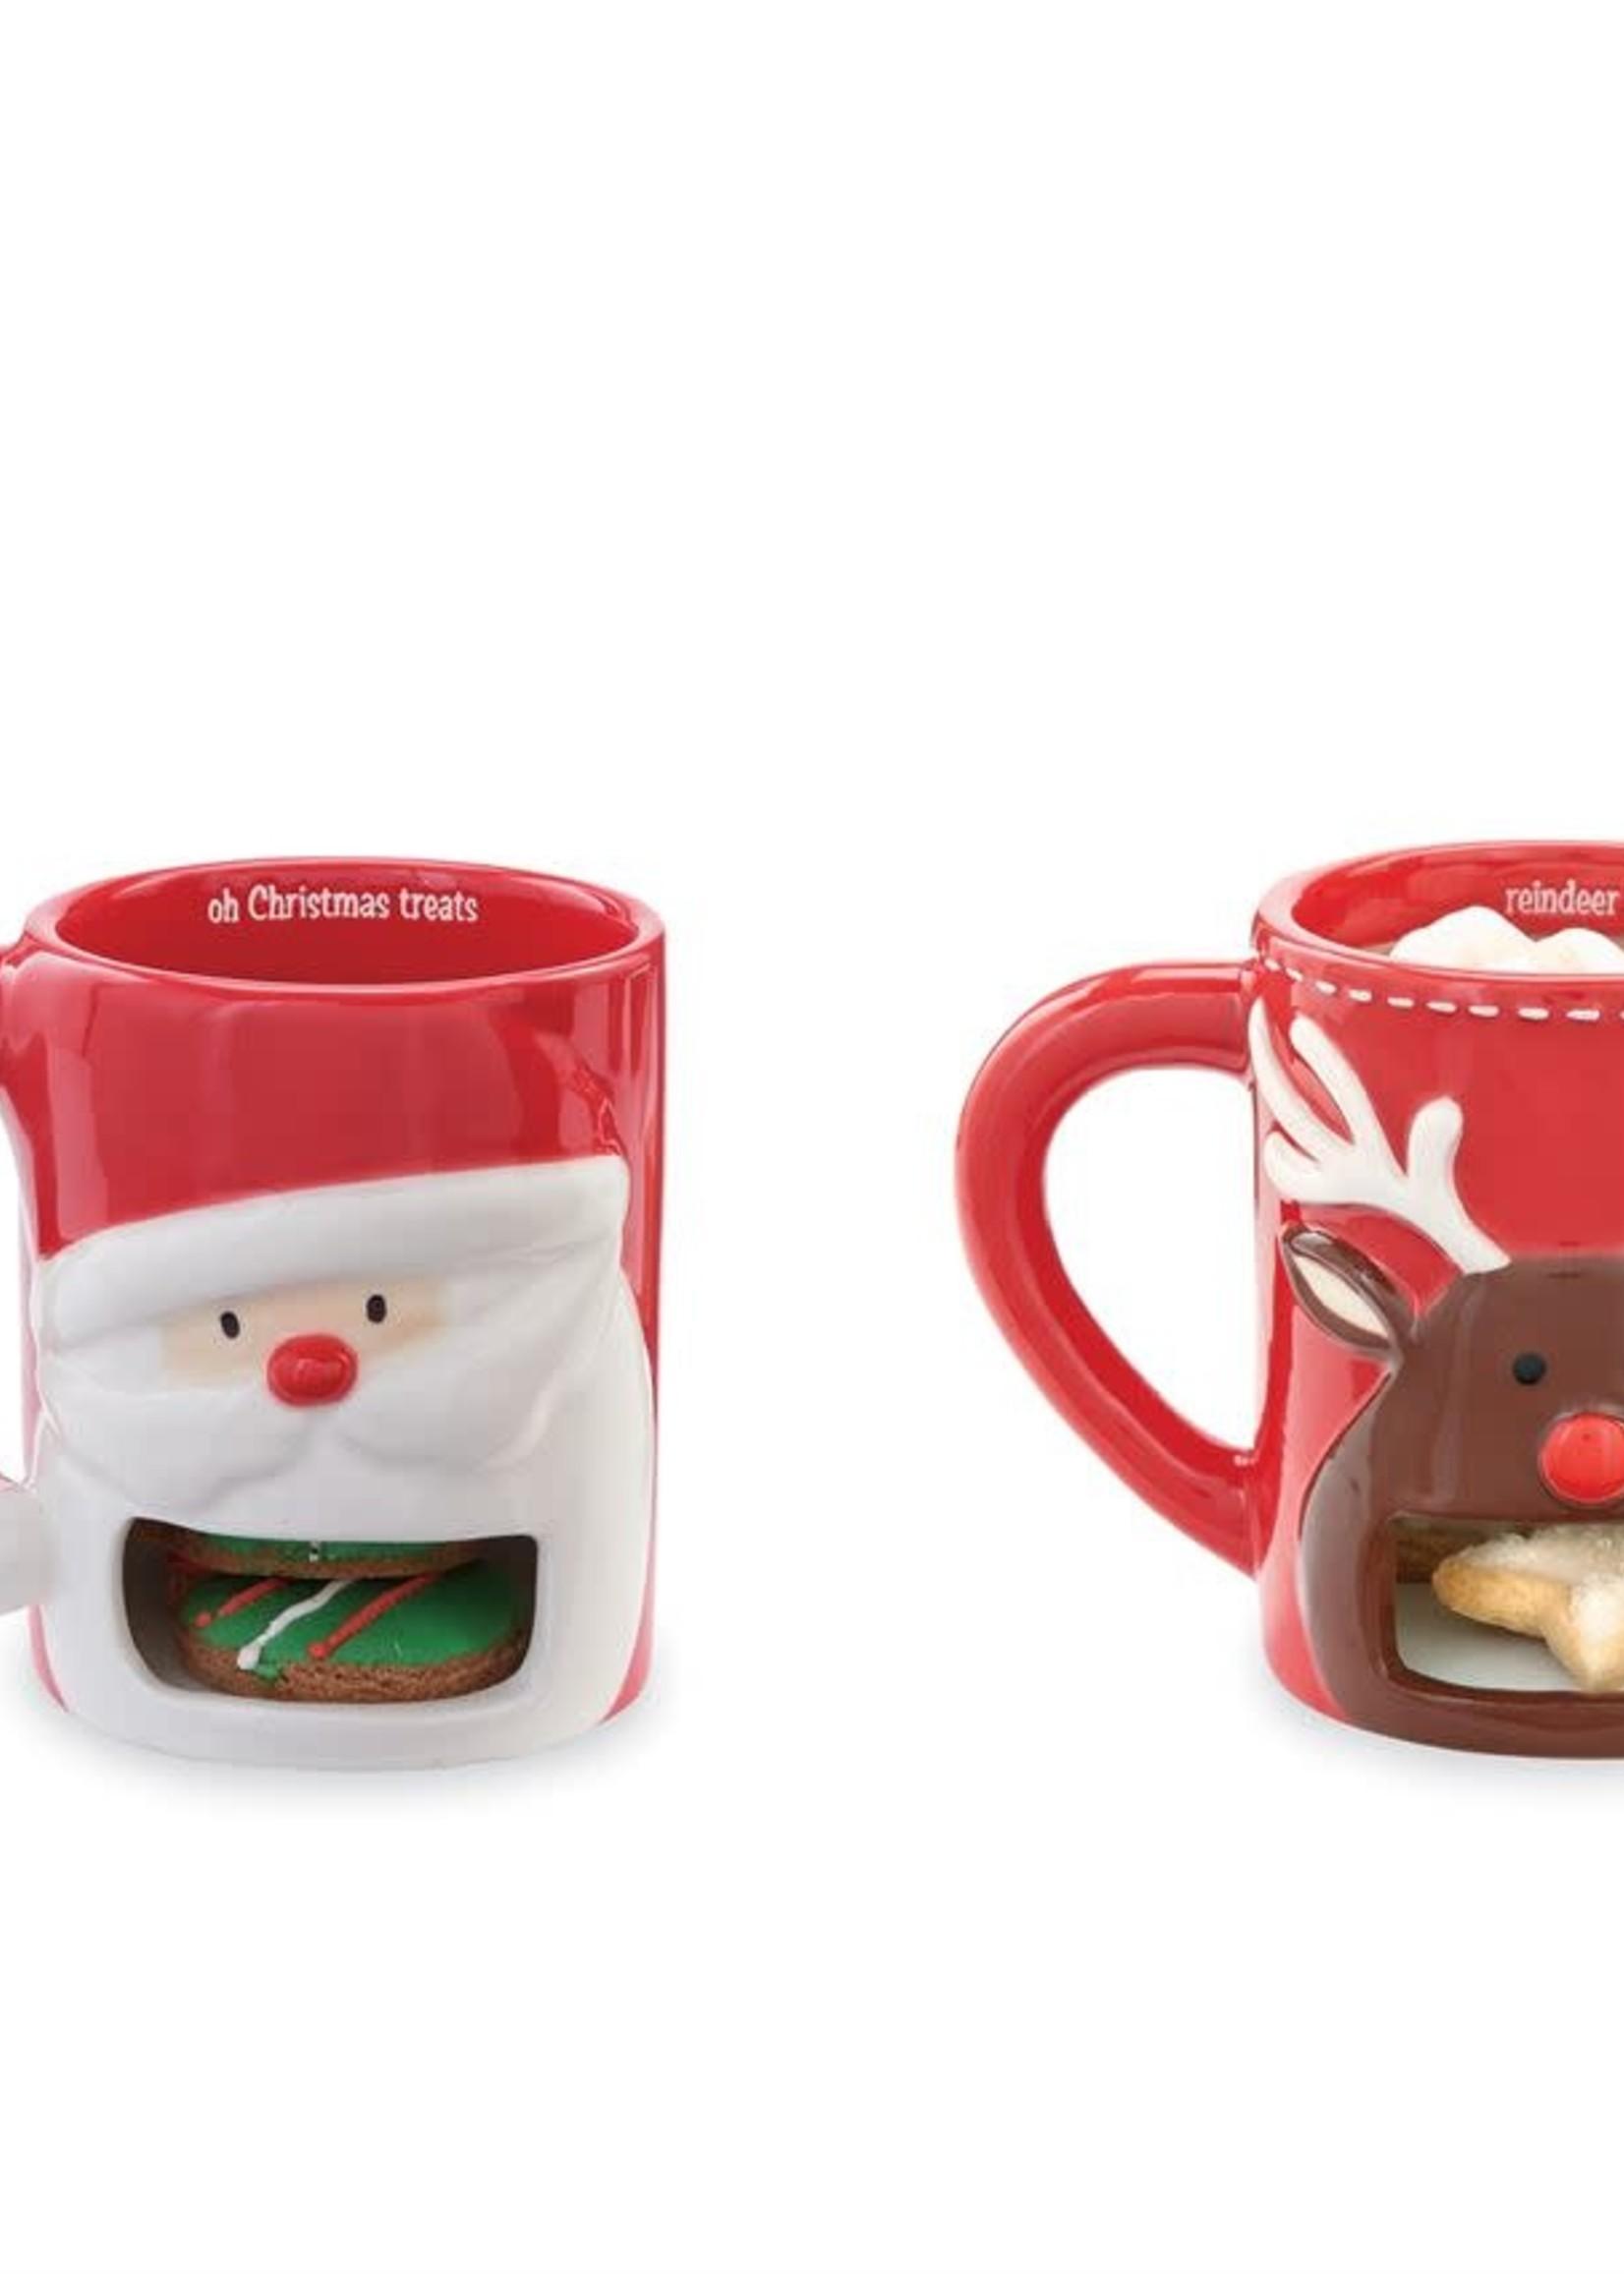 Mud Pie Christmas Cookie Holder Mug Reindeer